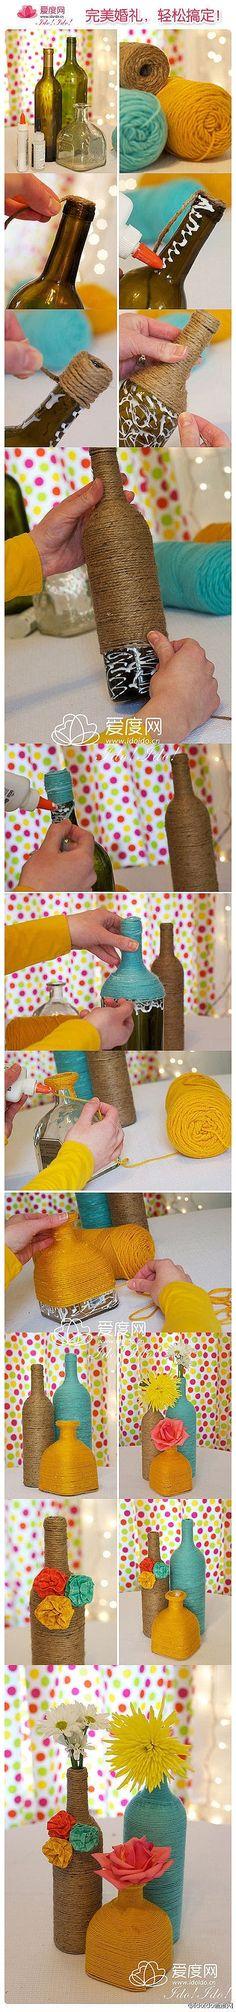 DIY Yarn Bottle Vase. Have the bottles . I am soo making this!!!